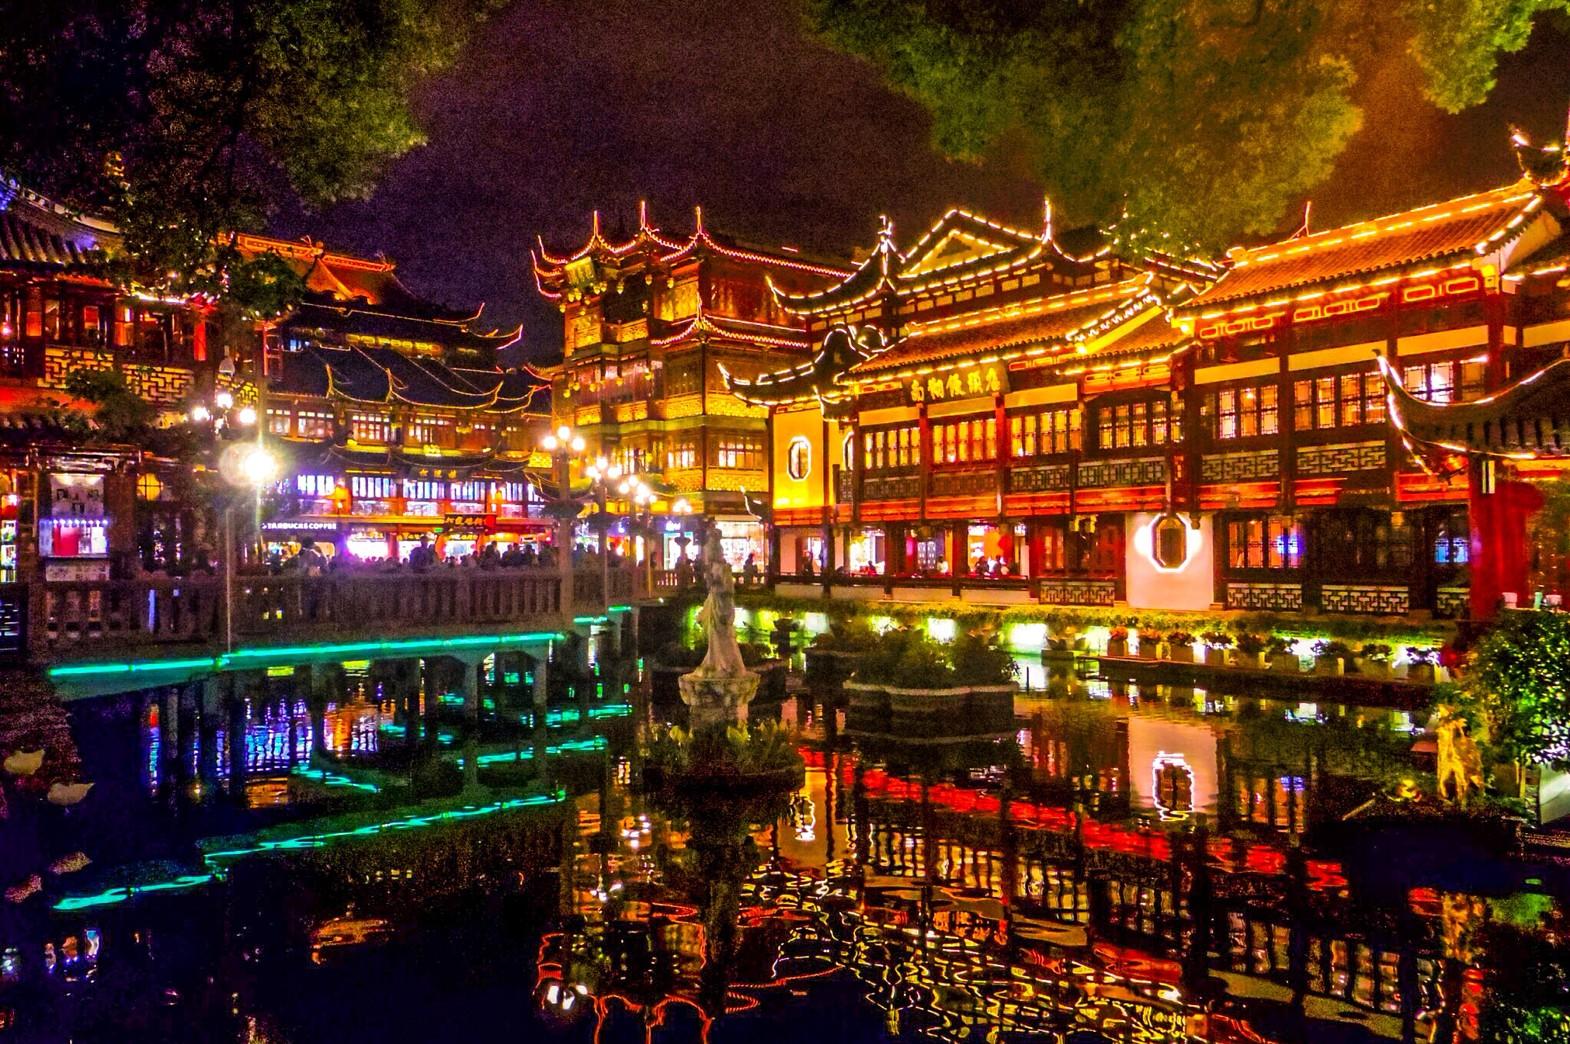 上海グルメを楽しめるおすすめレストラン9選!ランチやディナーのお店をご紹介!